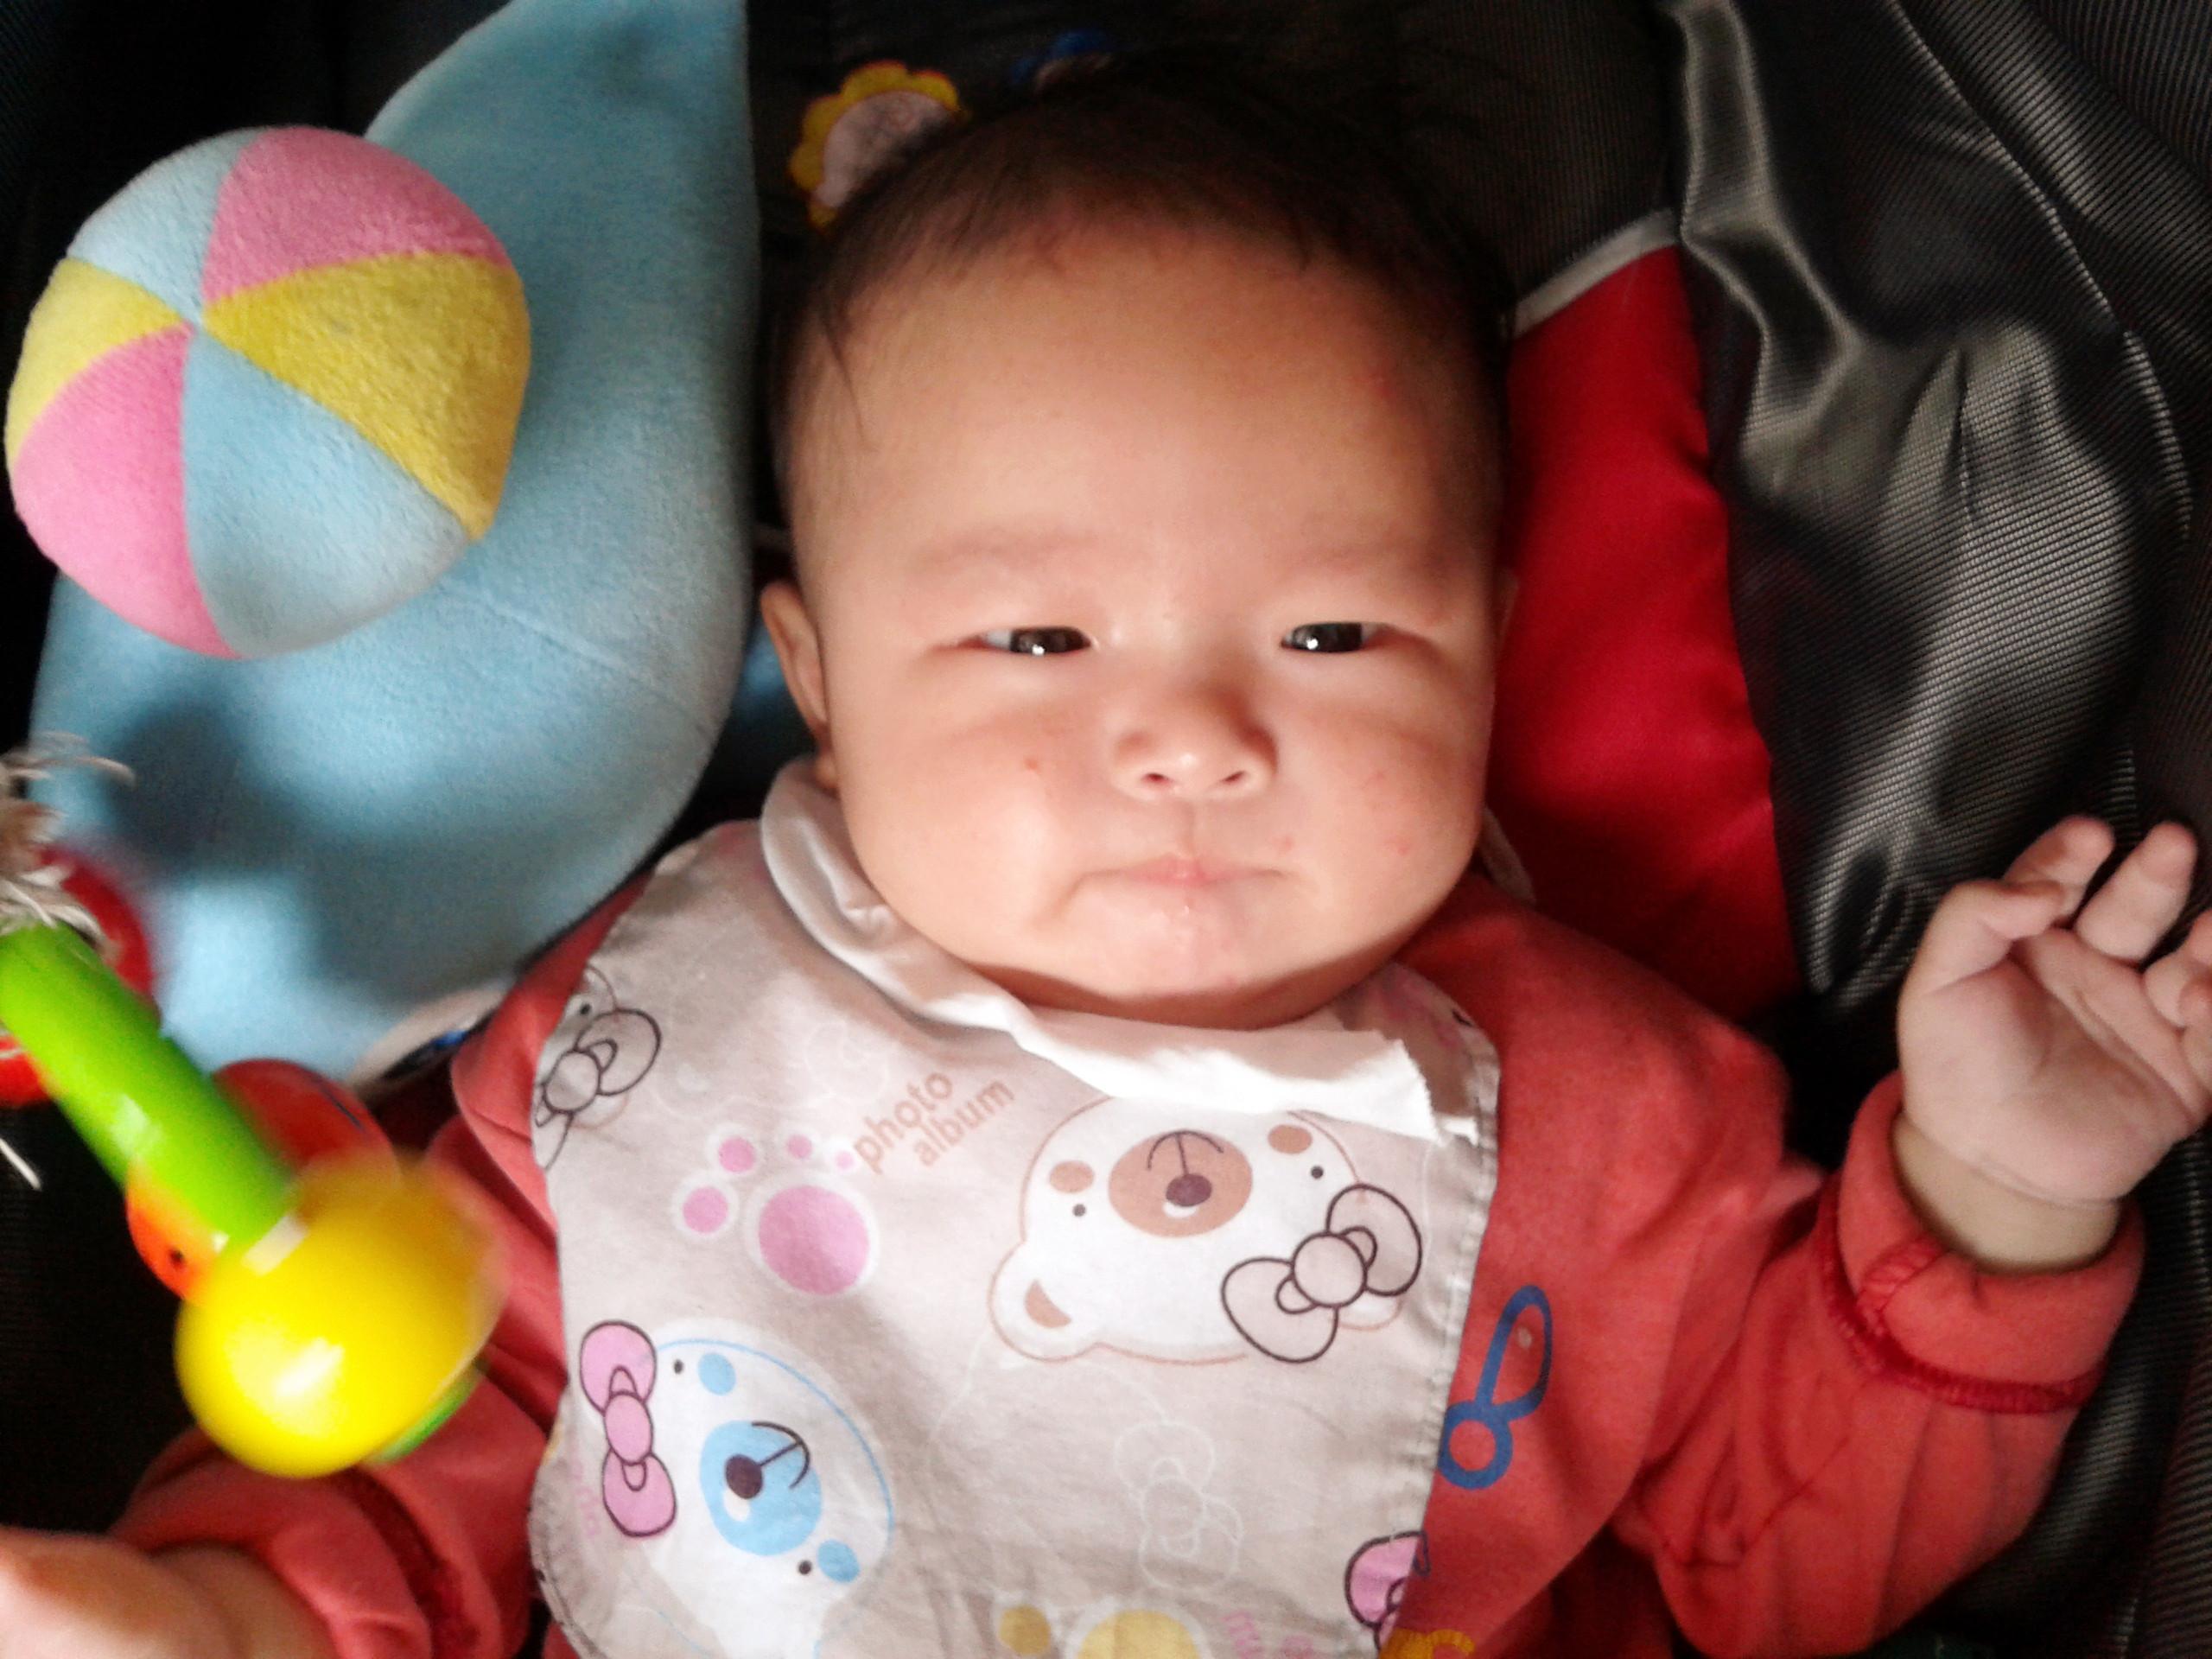 宝宝由出生到10个月大的成长过程